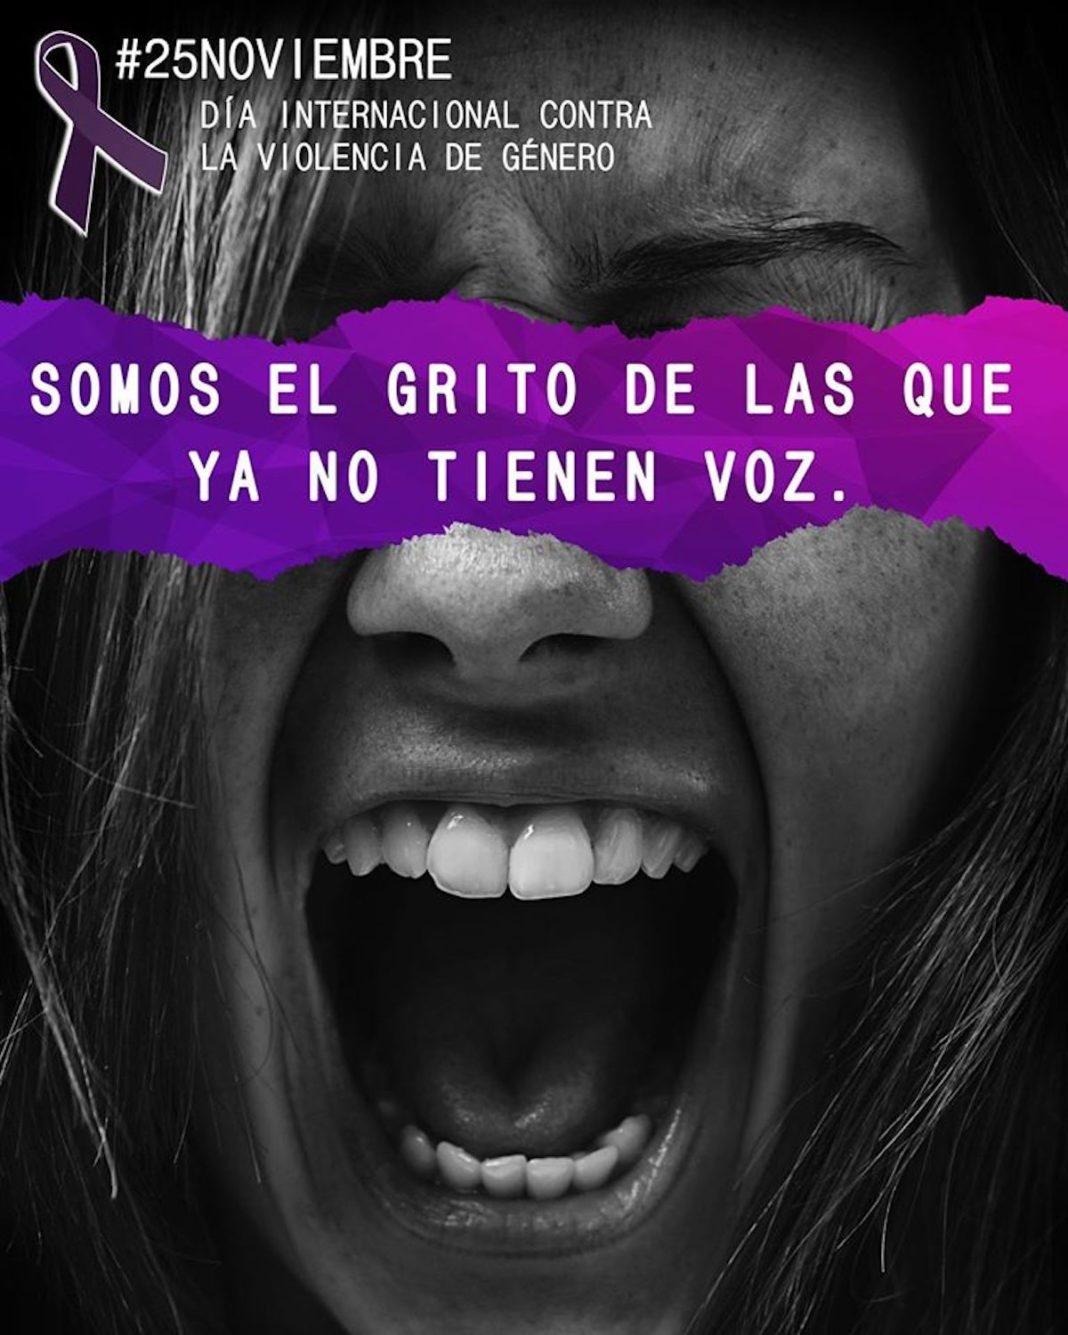 dia contra violencia genero 25 noviembre 1068x1335 - 25 de noviembre: Día Internacional Contra La Violencia de Género